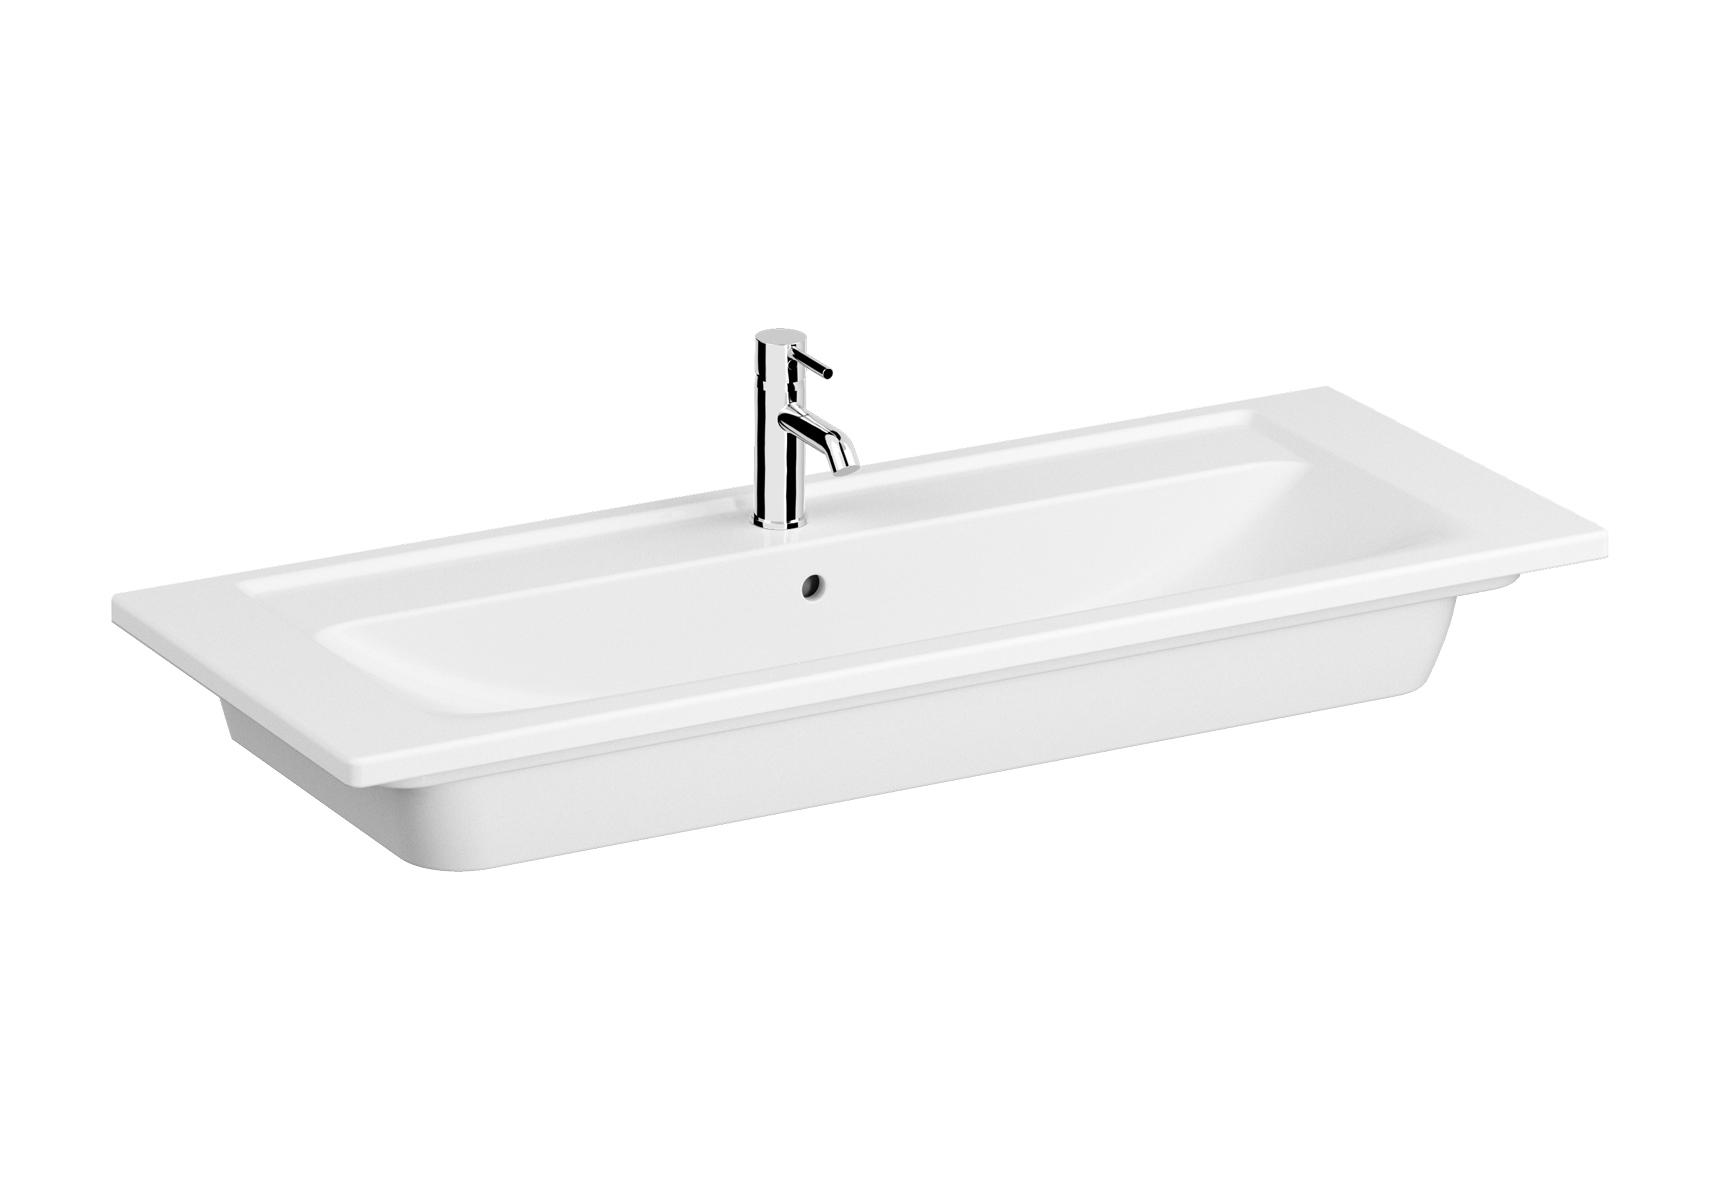 Integra plan céramique, 120 cm, avec 2 trous de robinet et 1 trop-plein